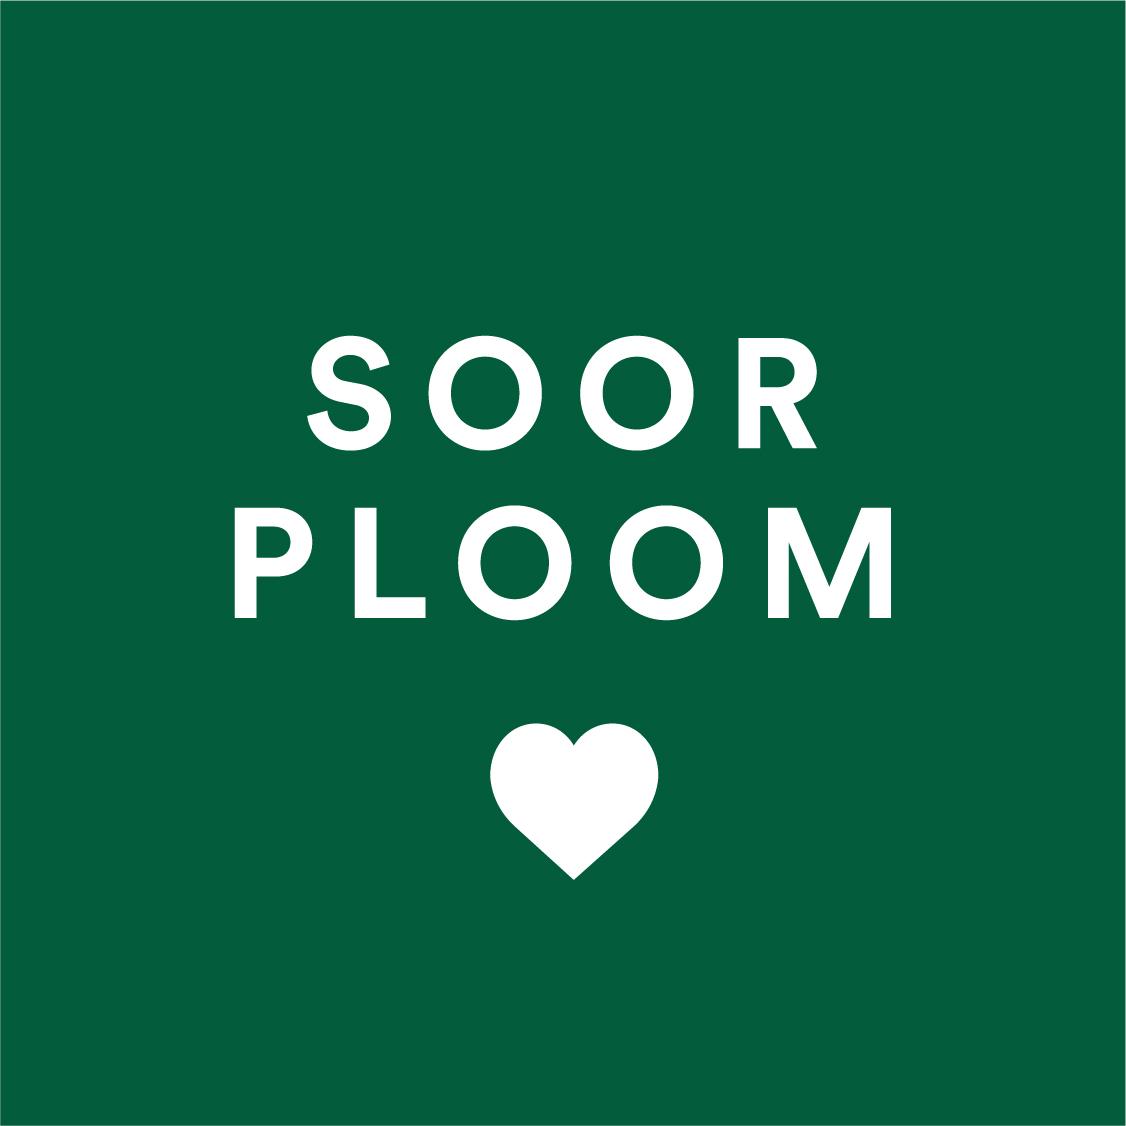 Soor Ploom logo